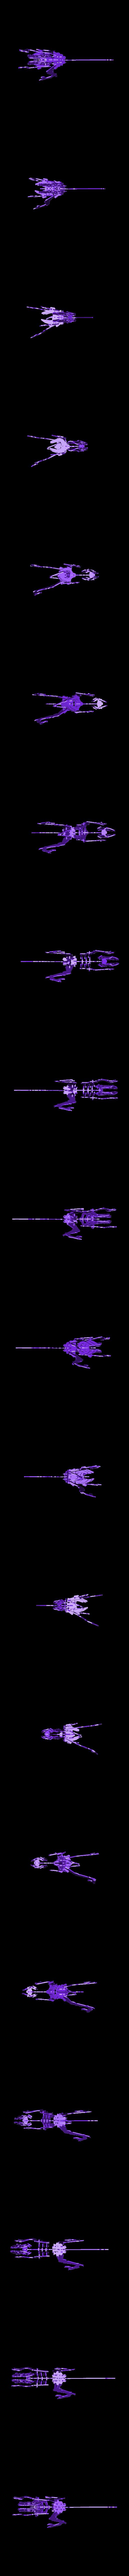 fullassembly.stl Télécharger fichier STL gratuit Carte de visite Velociraptor • Design imprimable en 3D, Mathorethan